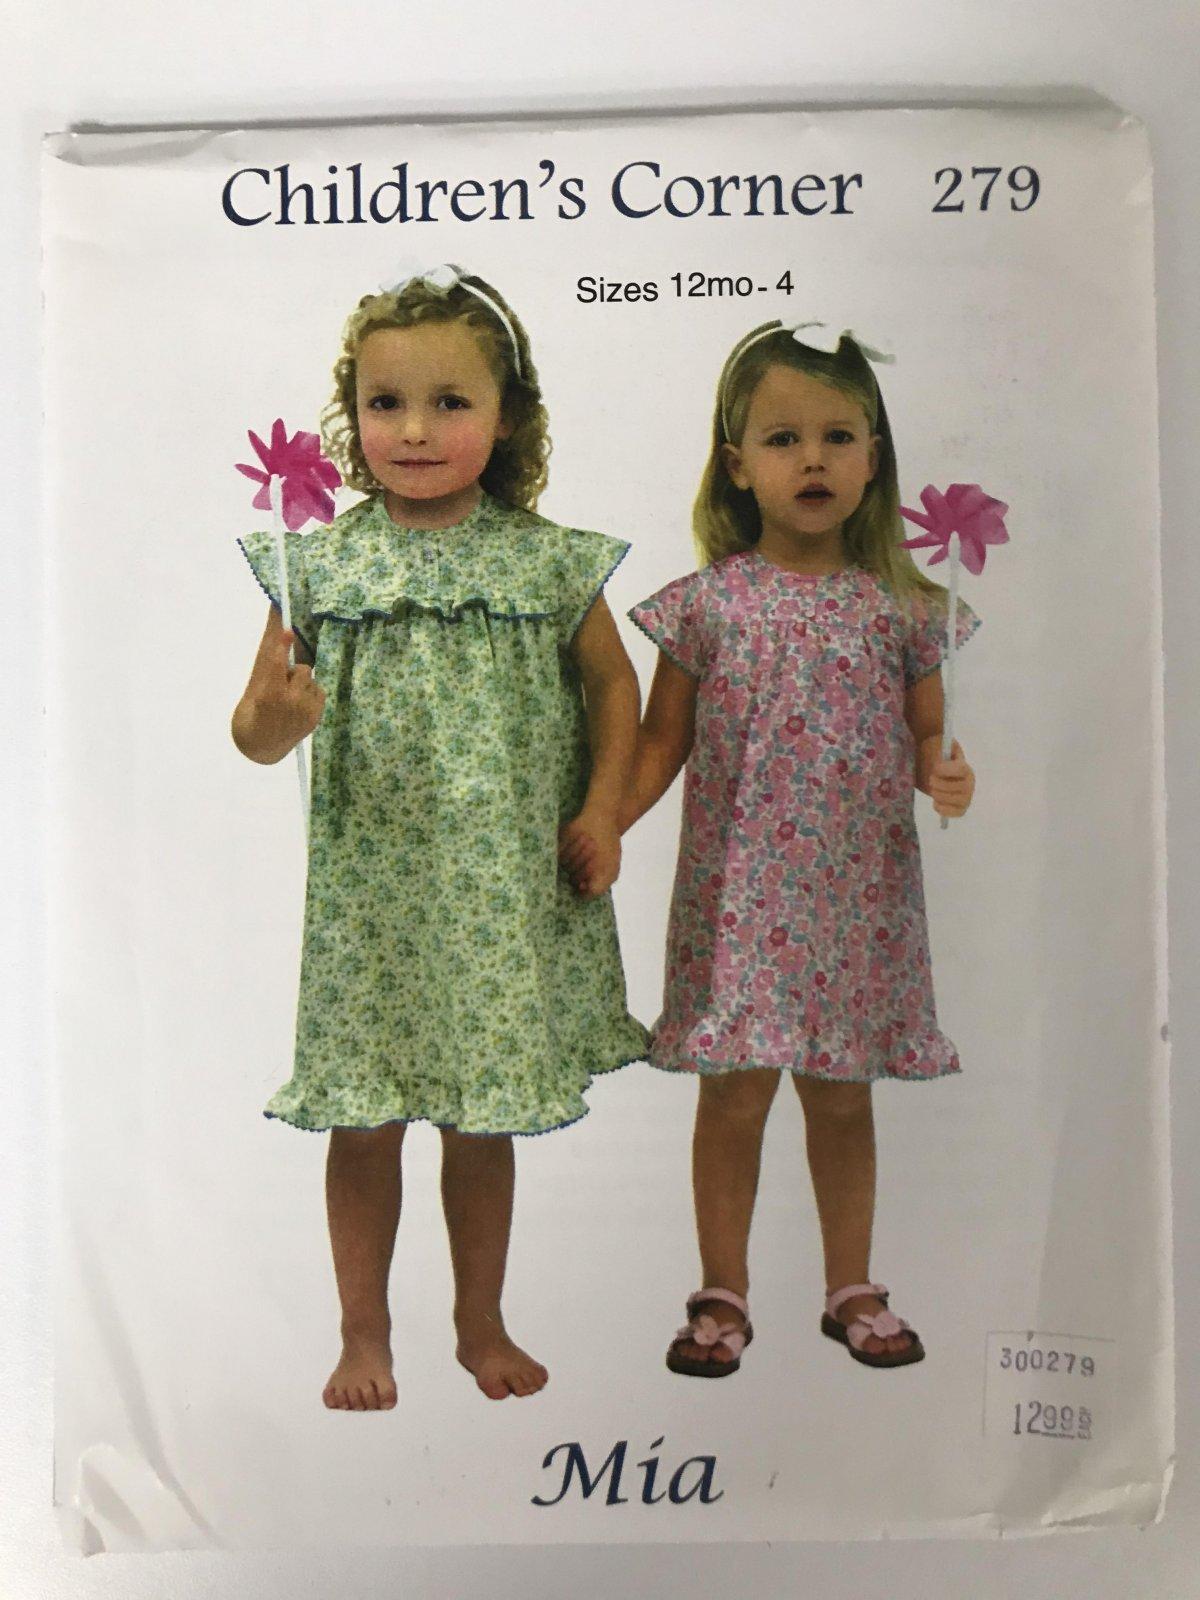 CHILDRENS'S CORNER MIA